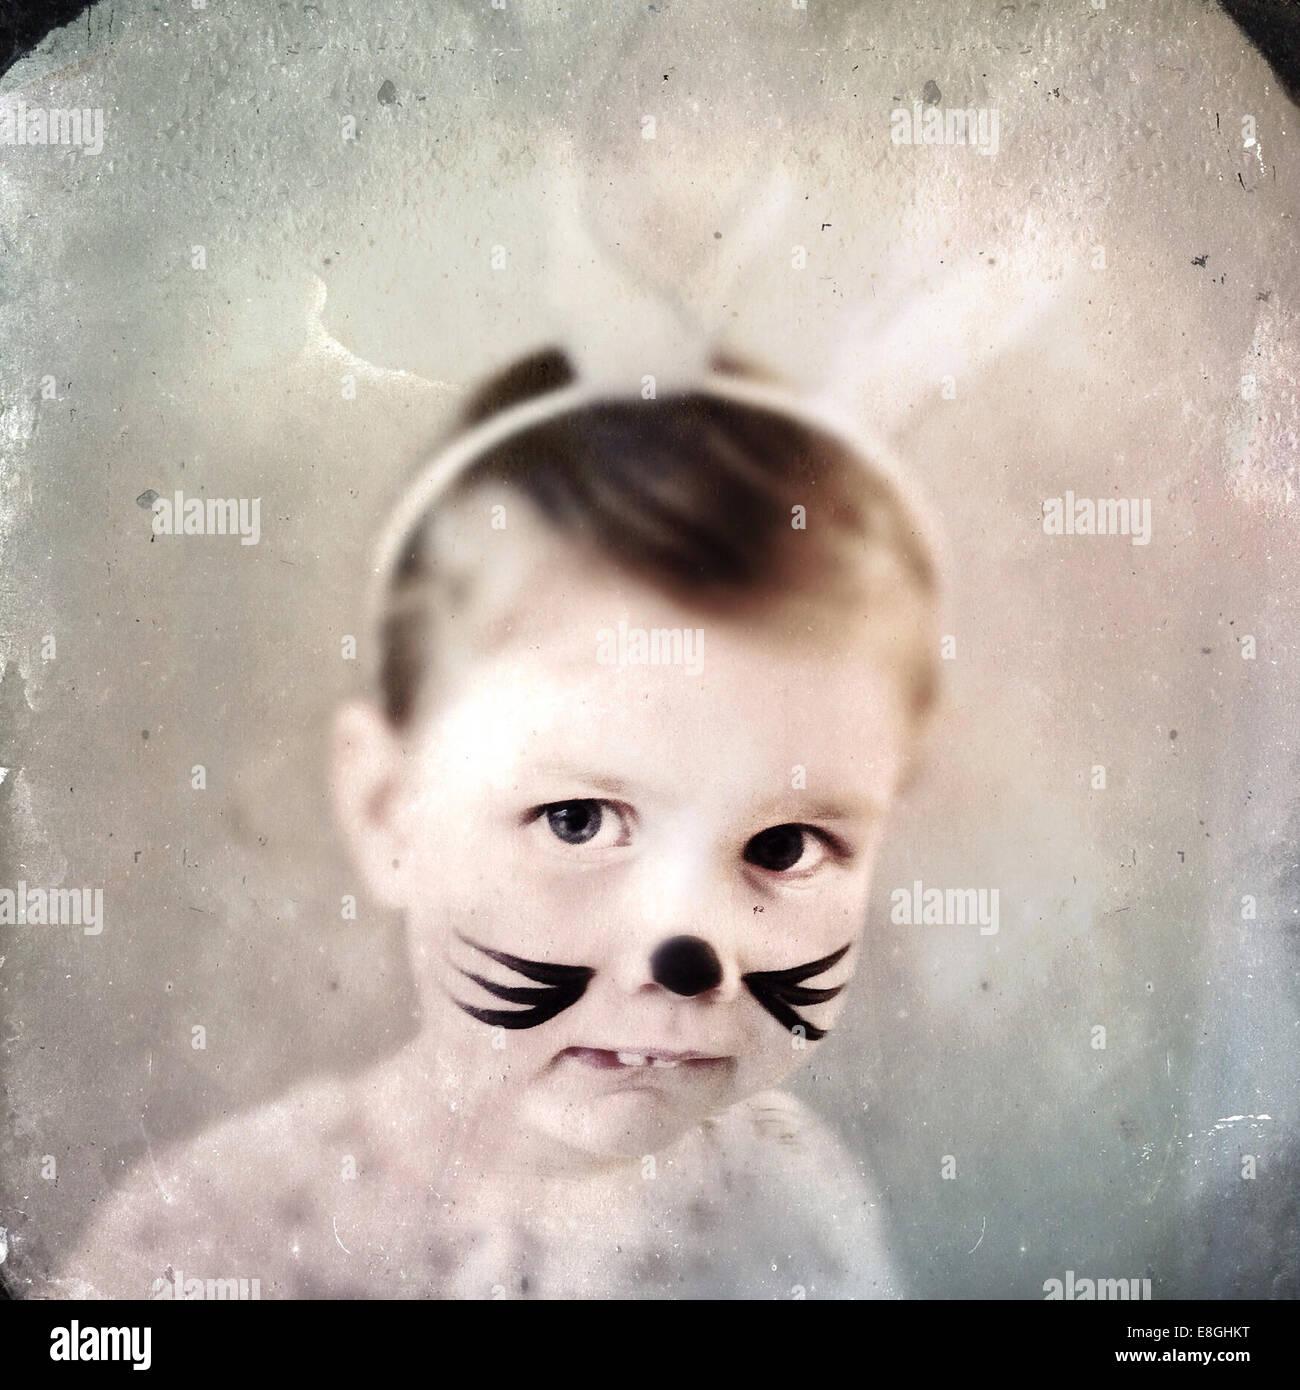 Ritratto di ragazza con faccia di coniglio vernice Immagini Stock